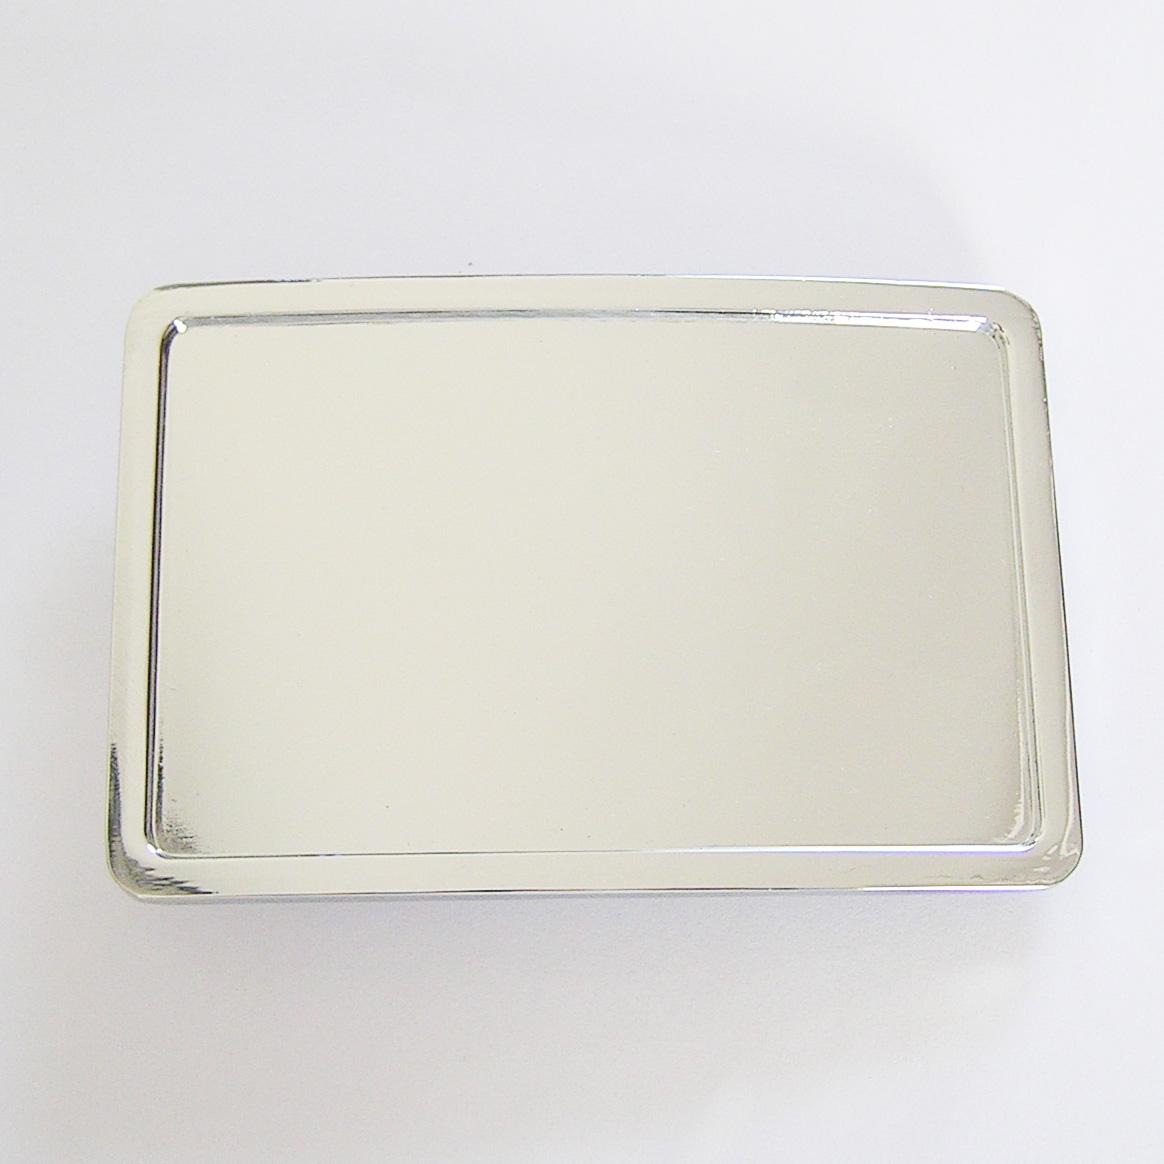 Boucle de ceinture vierge personnalisable rectangle chrome - Boucle ... a92ee1c1daf